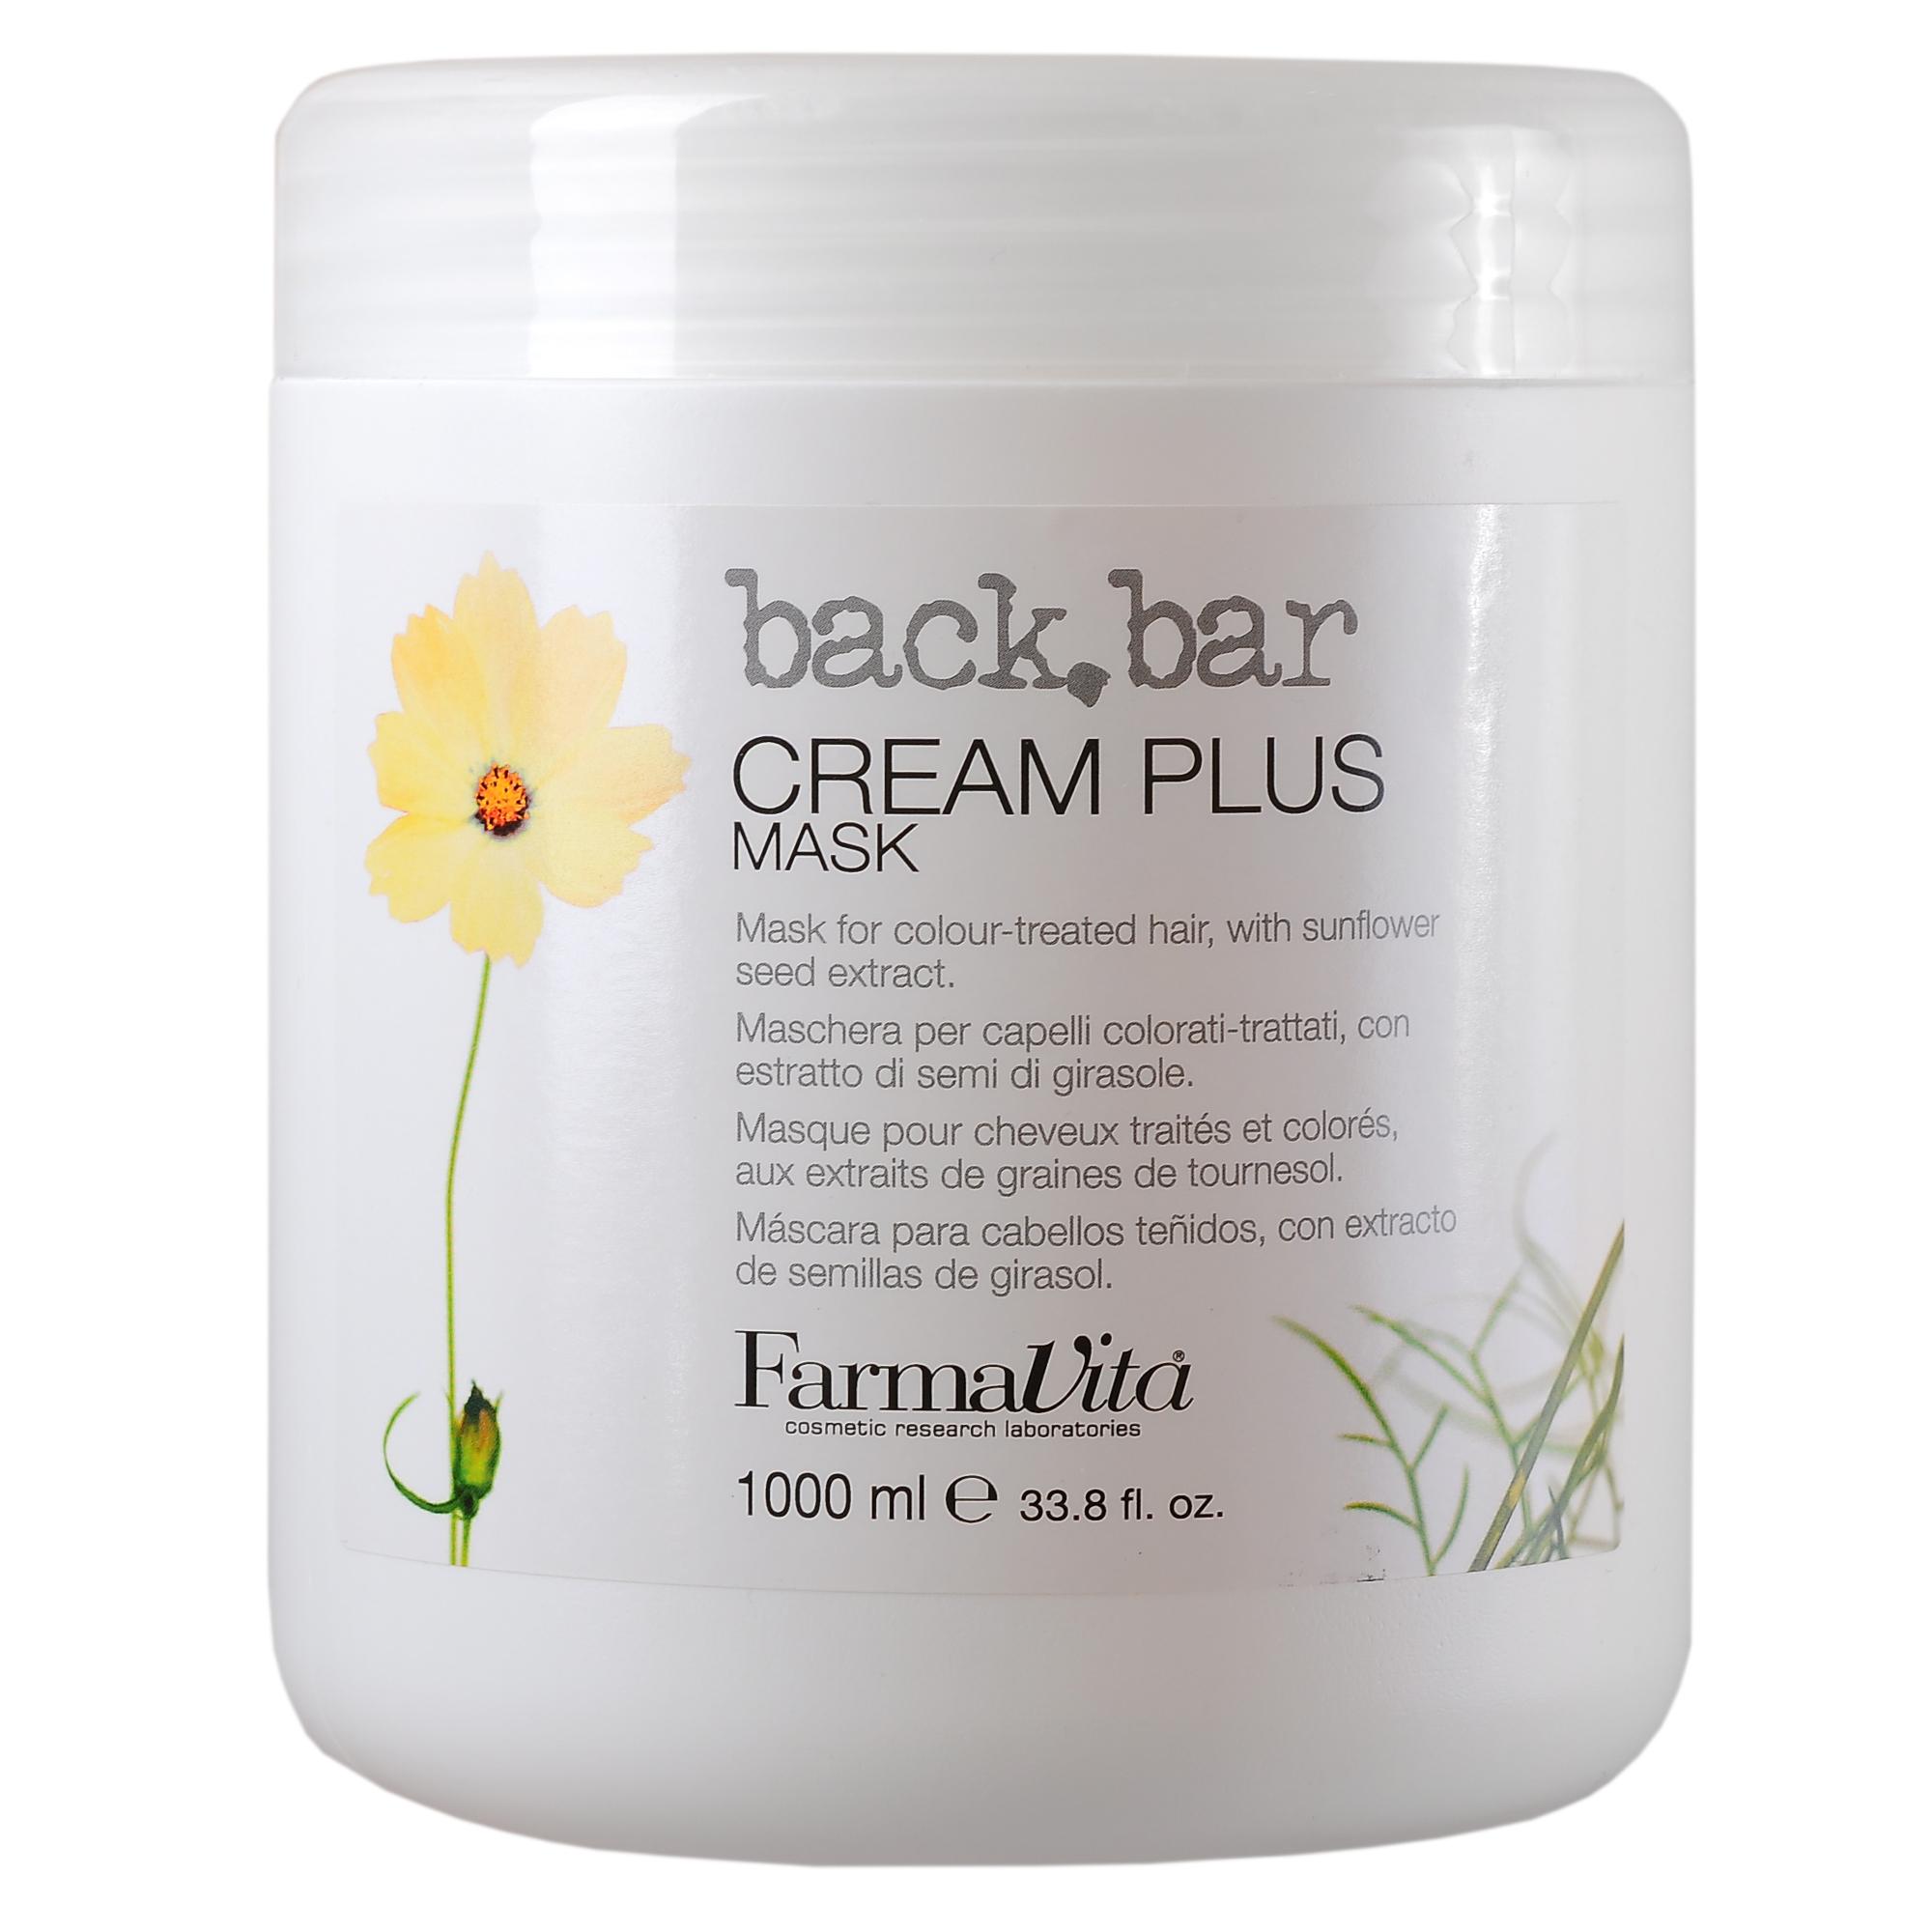 FARMAVITA Крем легкий защитный Cream Plus Mask / BACK BAR 1000 млКремы<br>Защищает волосы от действия свободных радикалов и восстанавливает структуру после воздействия УФ лучей, а так же после окрашивания и химической завивки. Защищает от потери цвета натуральные и окрашенные волосы. Активные ингредиенты: УФ-фильтры Способ применения: равномерно нанесите маску Бэк бар крем плюс на предварительно вымытые и подсушенные полотенцем волосы. Распределите по всей длине волос при помощи гребня. Оставьте на 2-3 минуты, после чего тщательно смойте и выполните укладку.<br><br>Объем: 1000 мл<br>Типы волос: Окрашенные